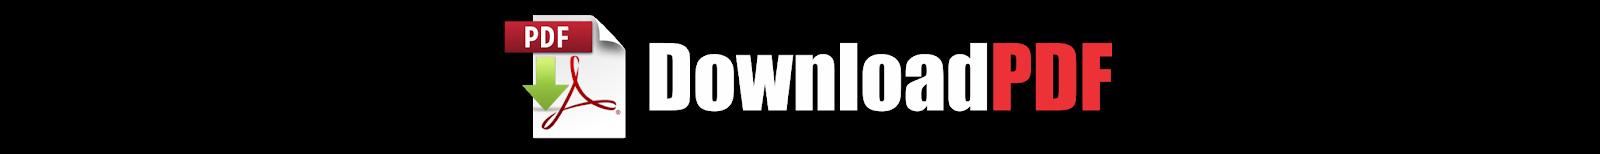 WW3 Download PDF